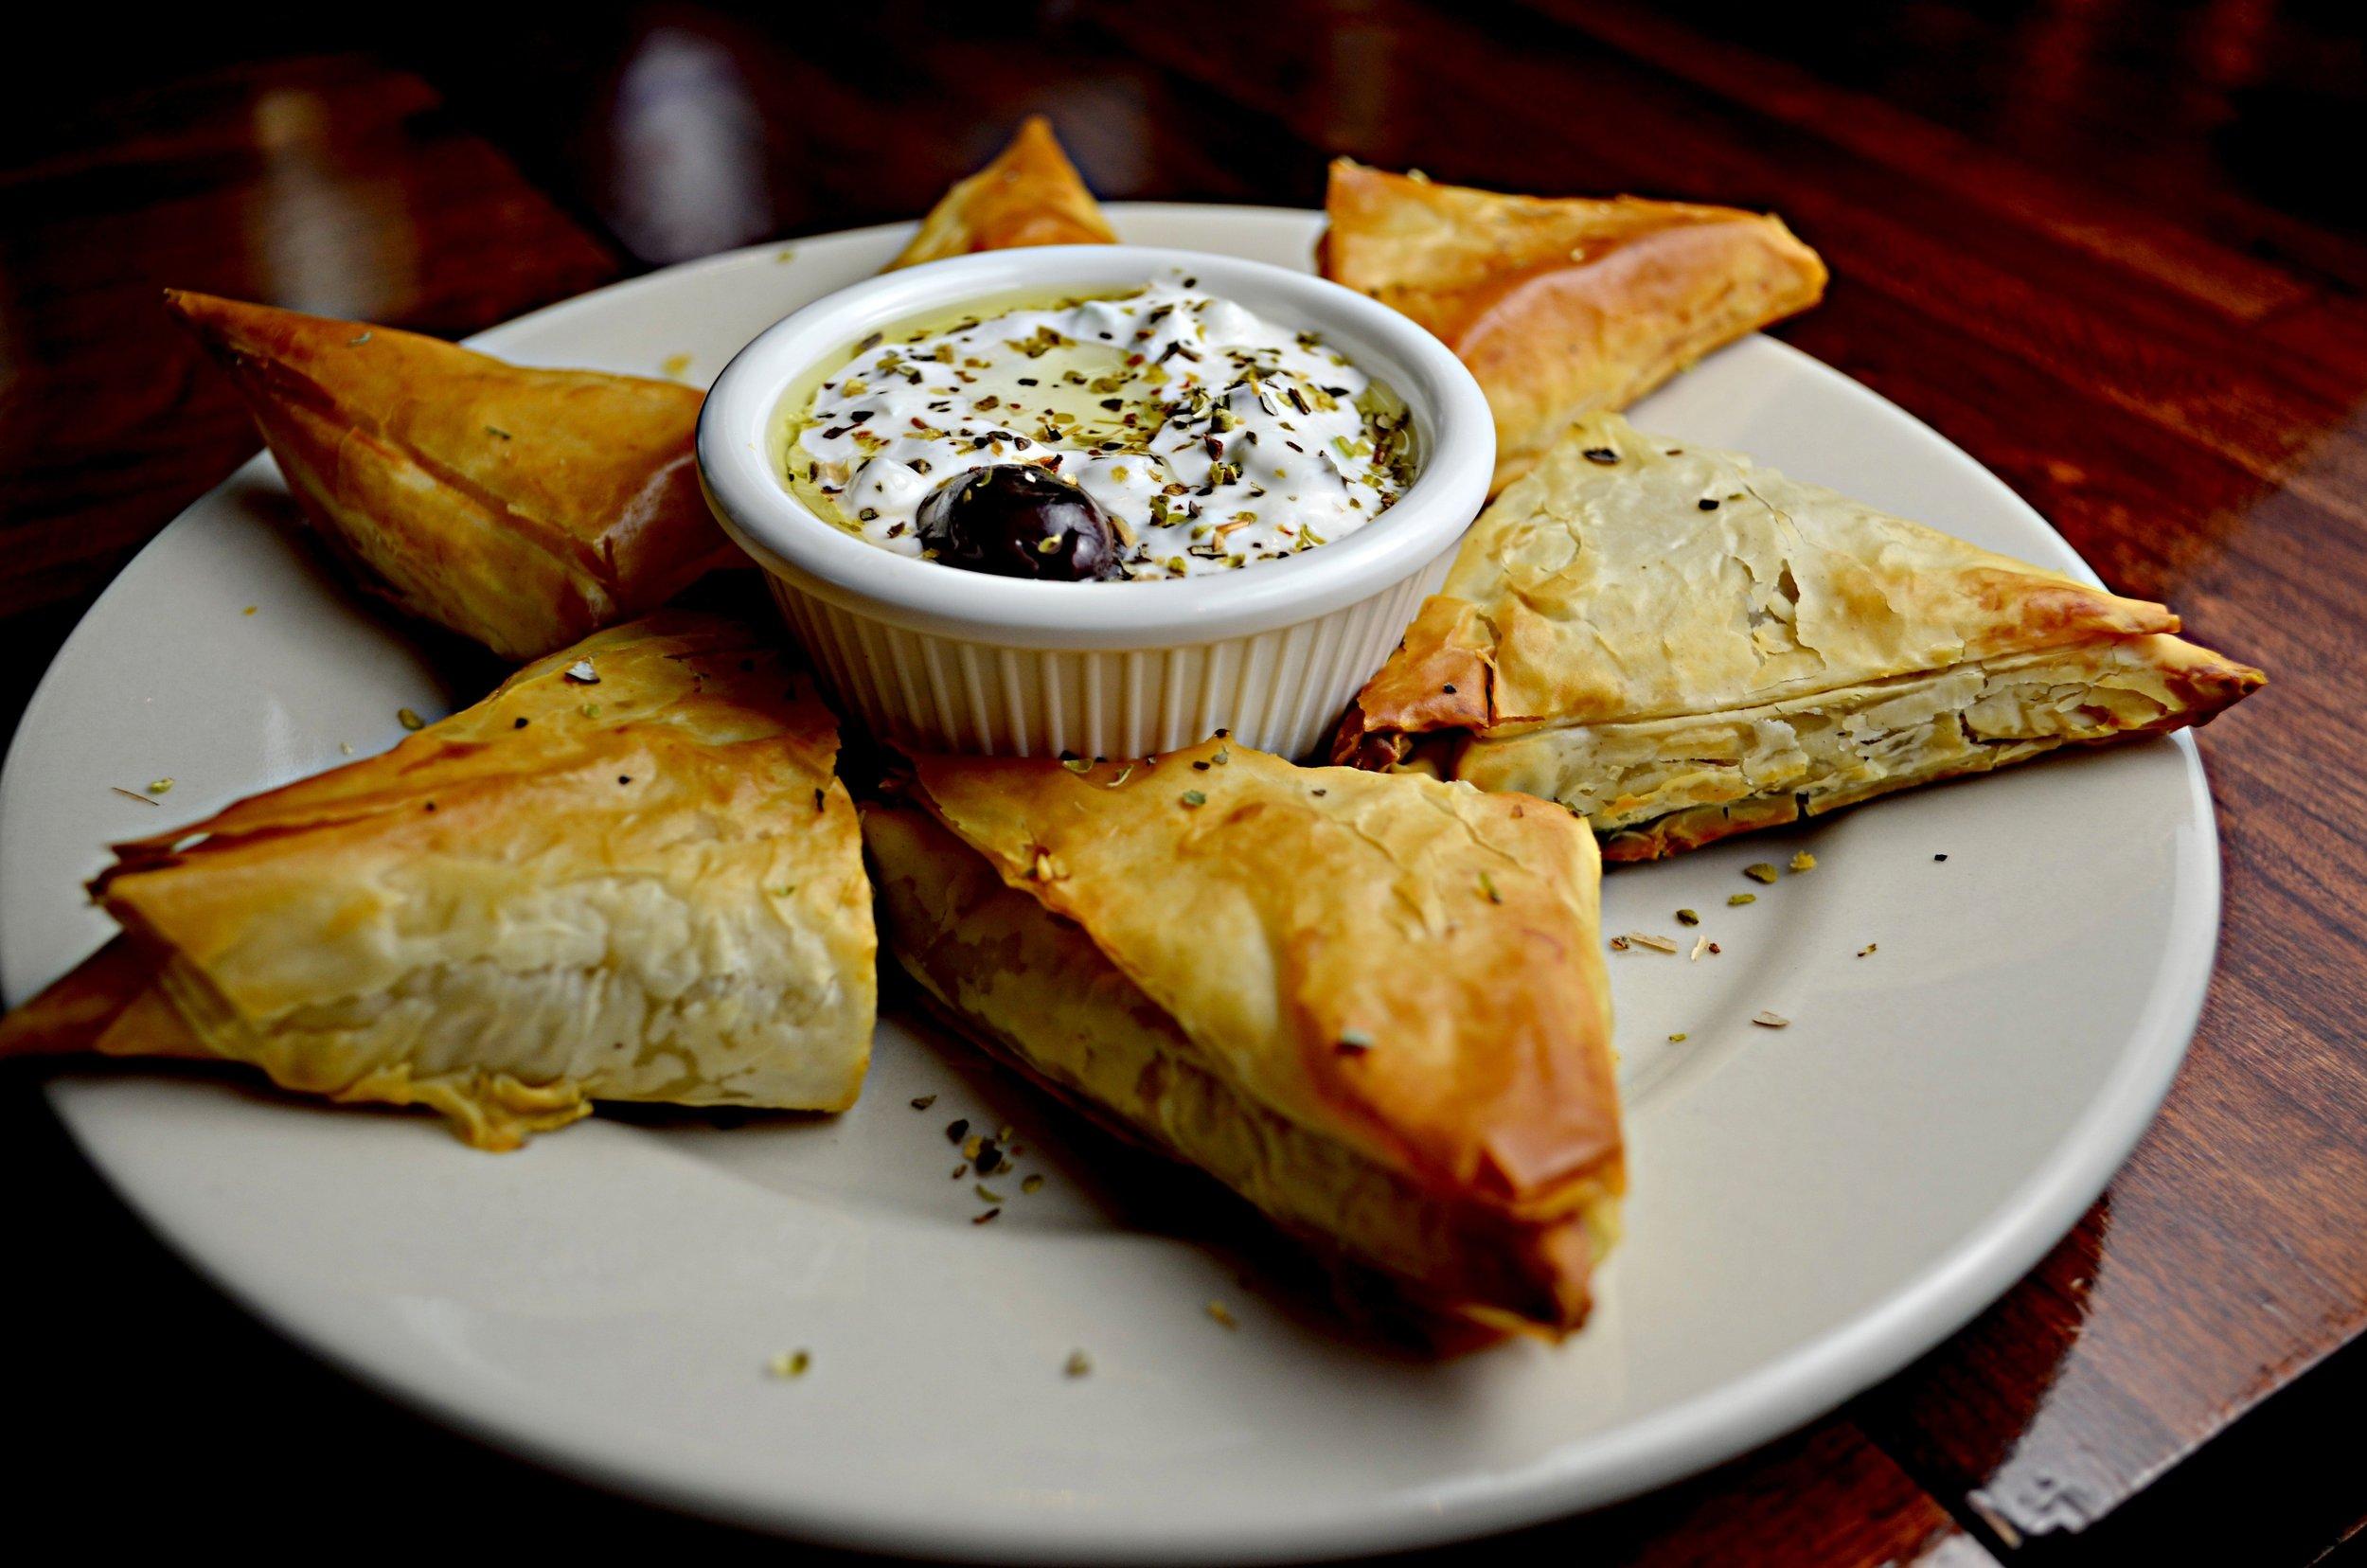 baked-dip-dish-236885.jpg